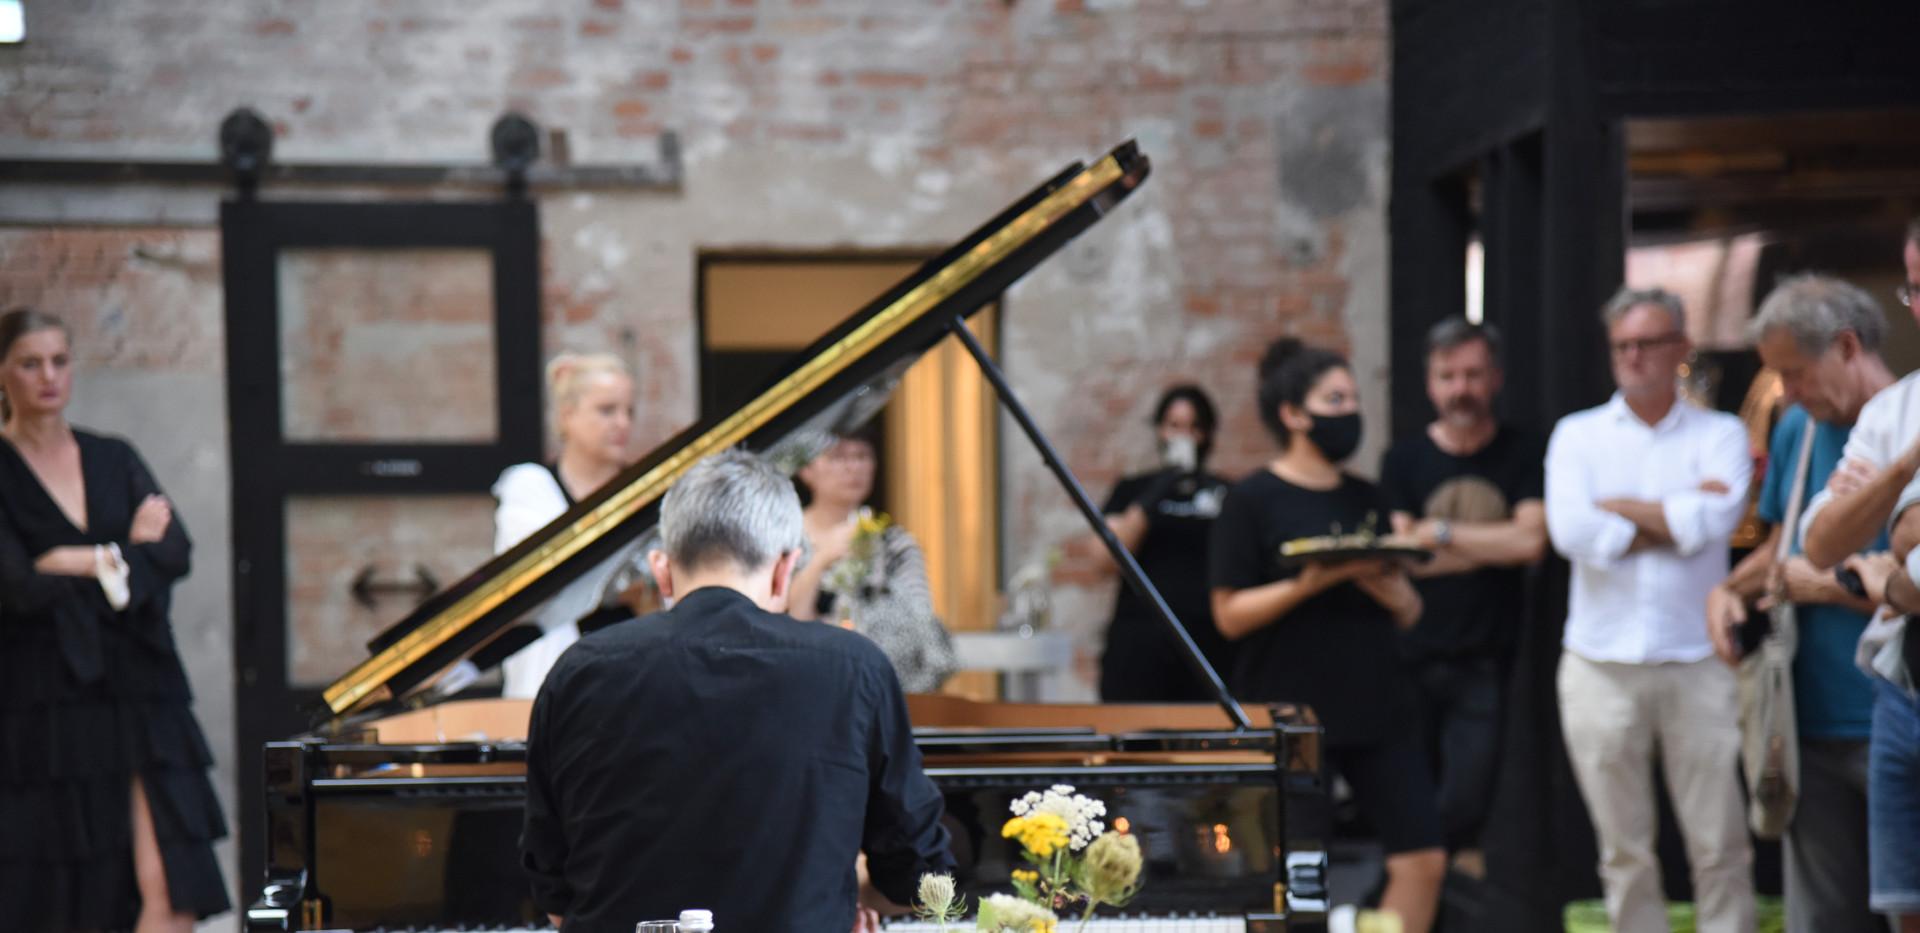 5tes Sommerdinner Musikalische Untermalung